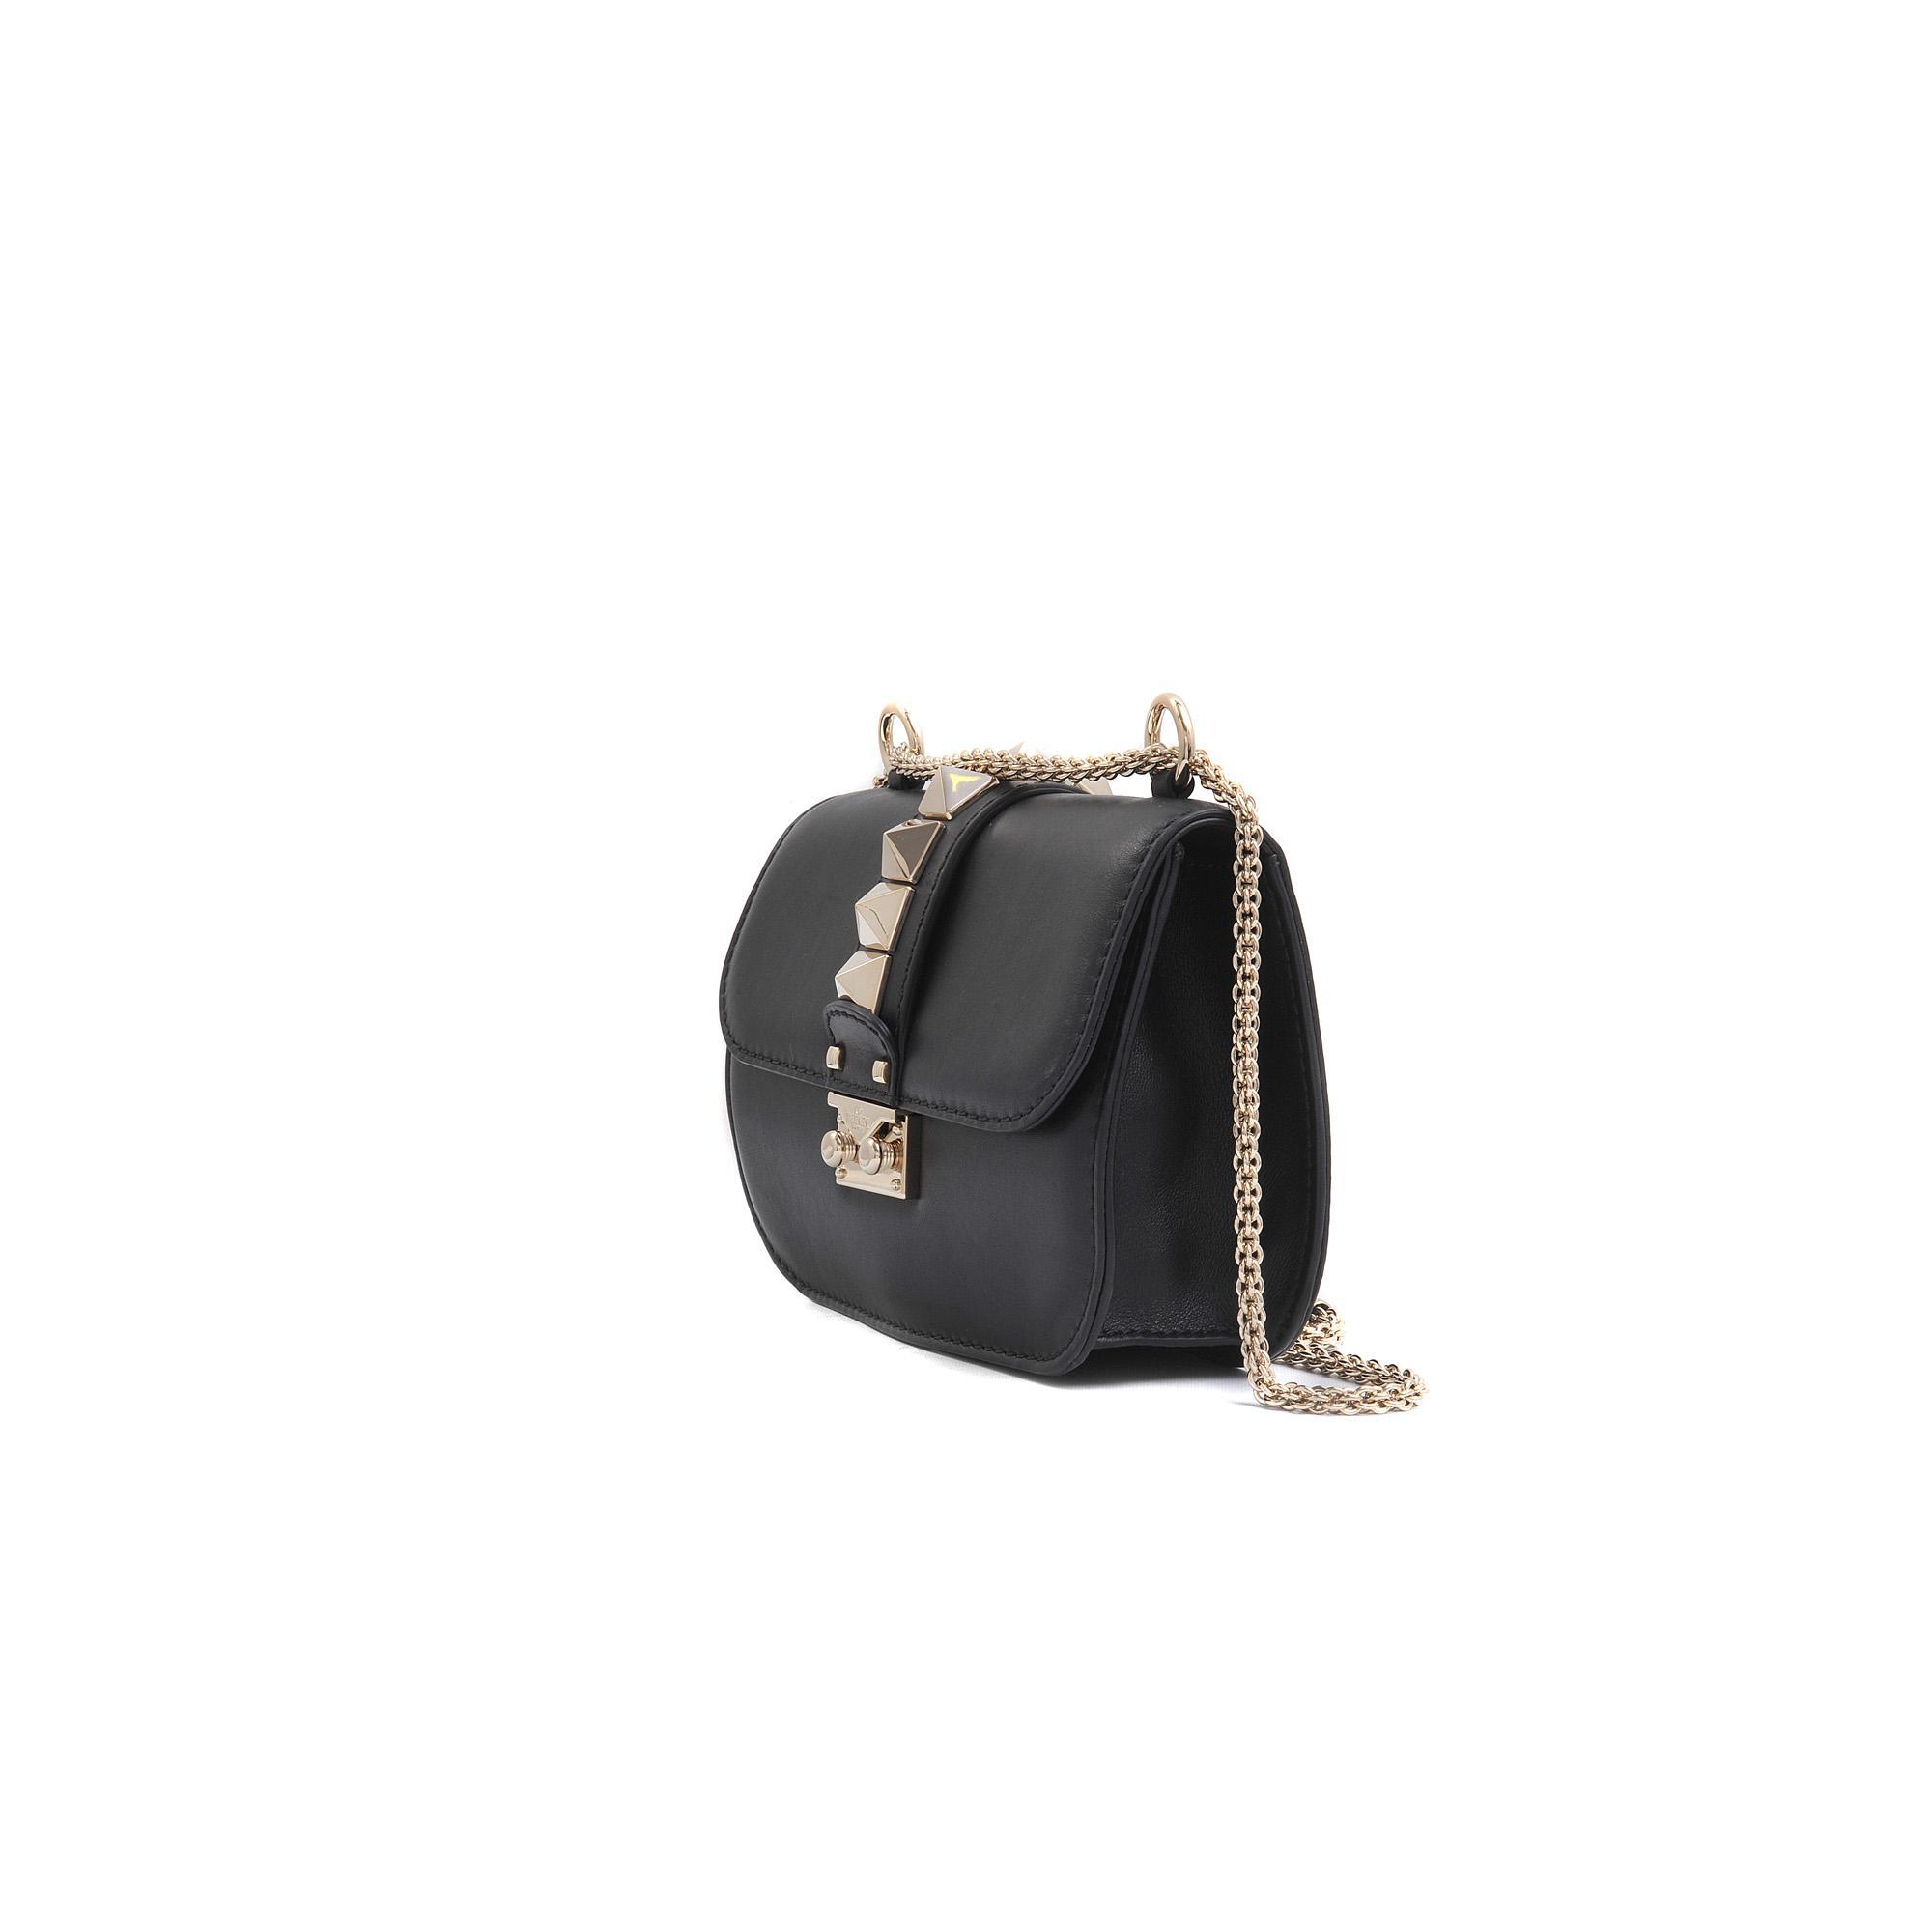 Boutique für Marken und Luxusaccessoires für Frauen - MONNIER Frères.